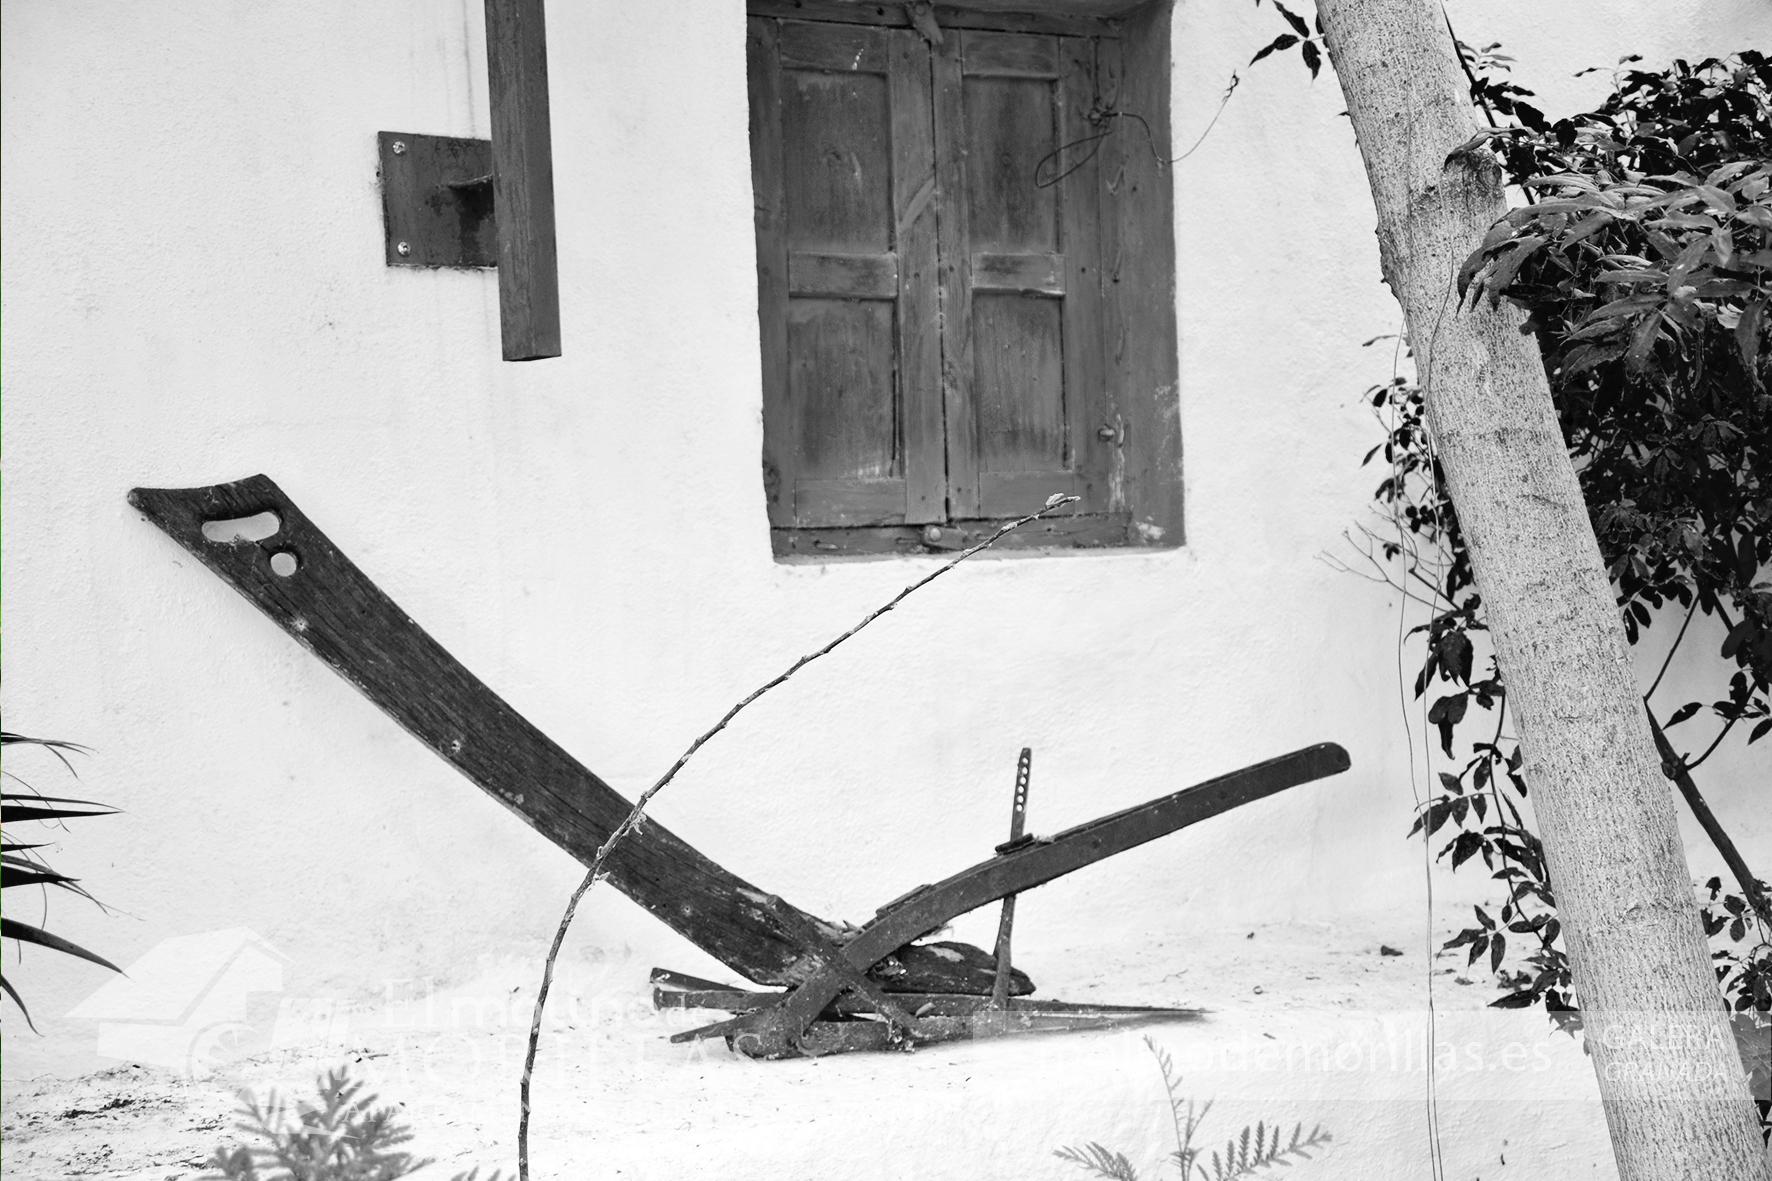 Ornamentación antigua: herramienta de agricultura